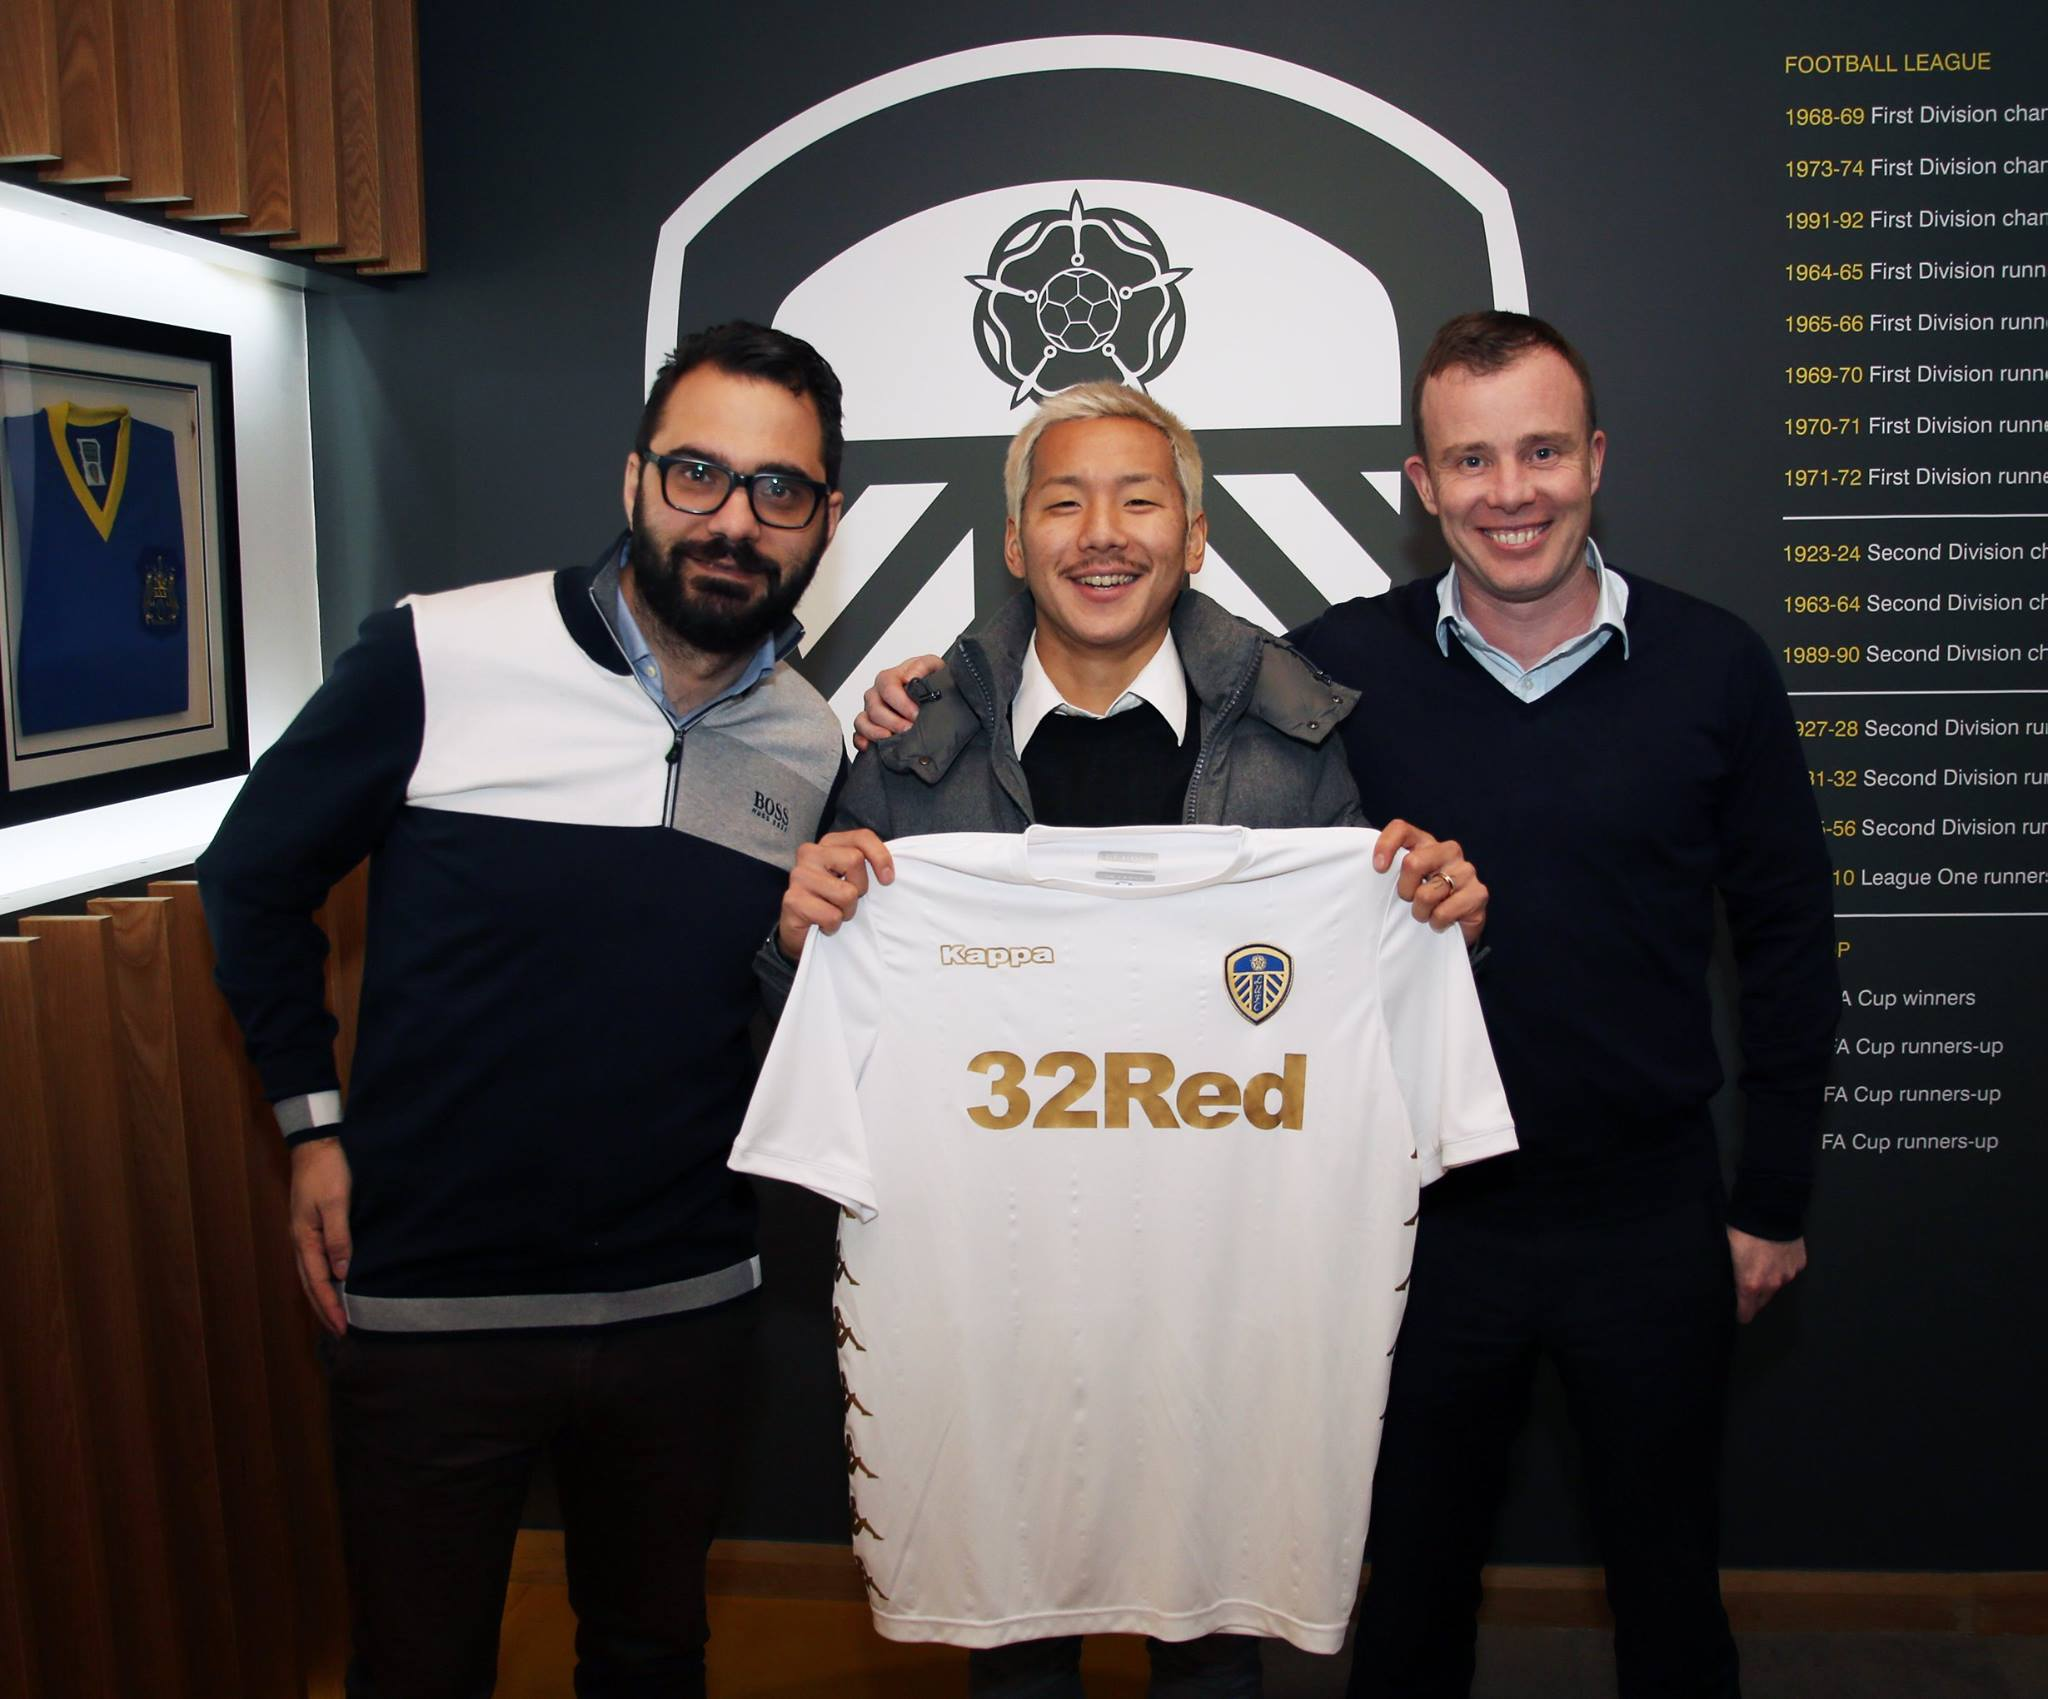 El primer día de Ideguchi en el Leeds United